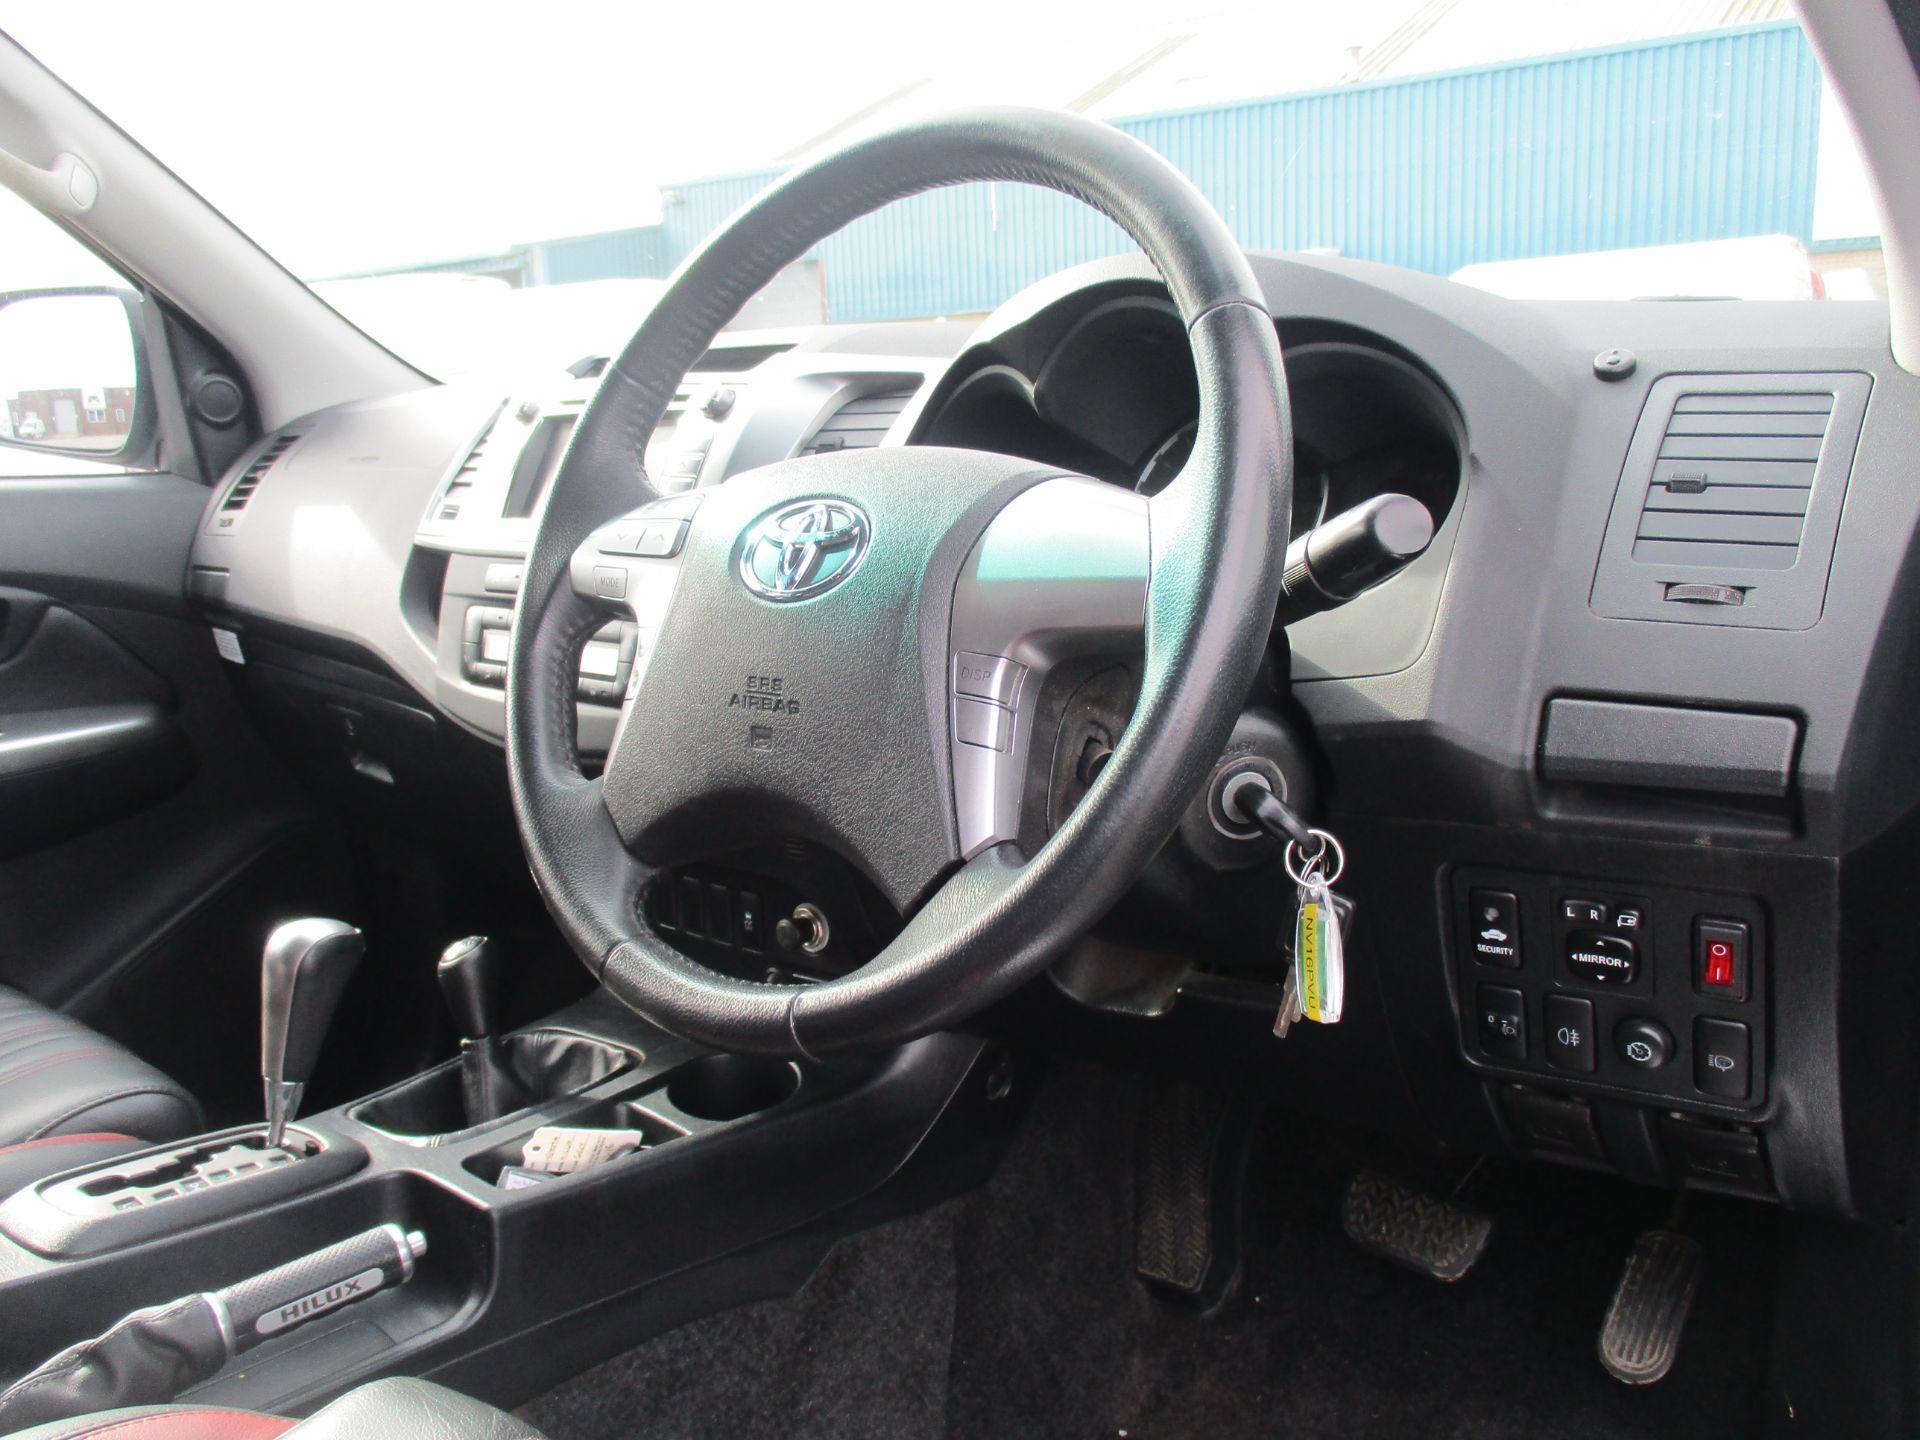 2016 Toyota Hilux DOUBLE CAB PICK UP 3.0 4WD D-4D 171 INVINCIBLE X AUTO. SAT NAV. AIR CON (NV16PVU) Image 12